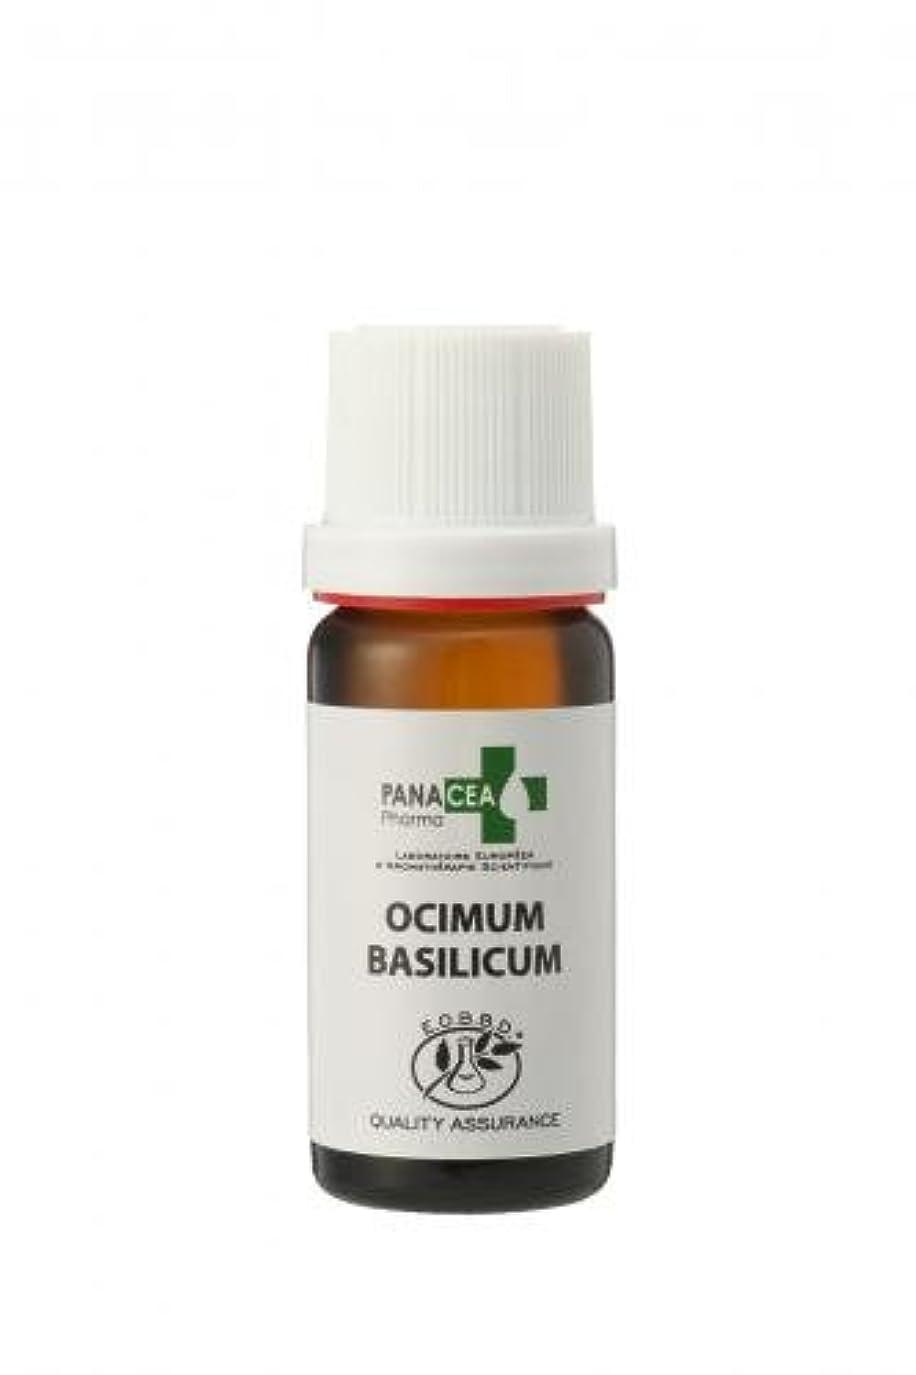 あえて先行する触覚バジル メチルカビコール (Ocimum basilicum) 10ml エッセンシャルオイル PANACEA PHARMA パナセア ファルマ